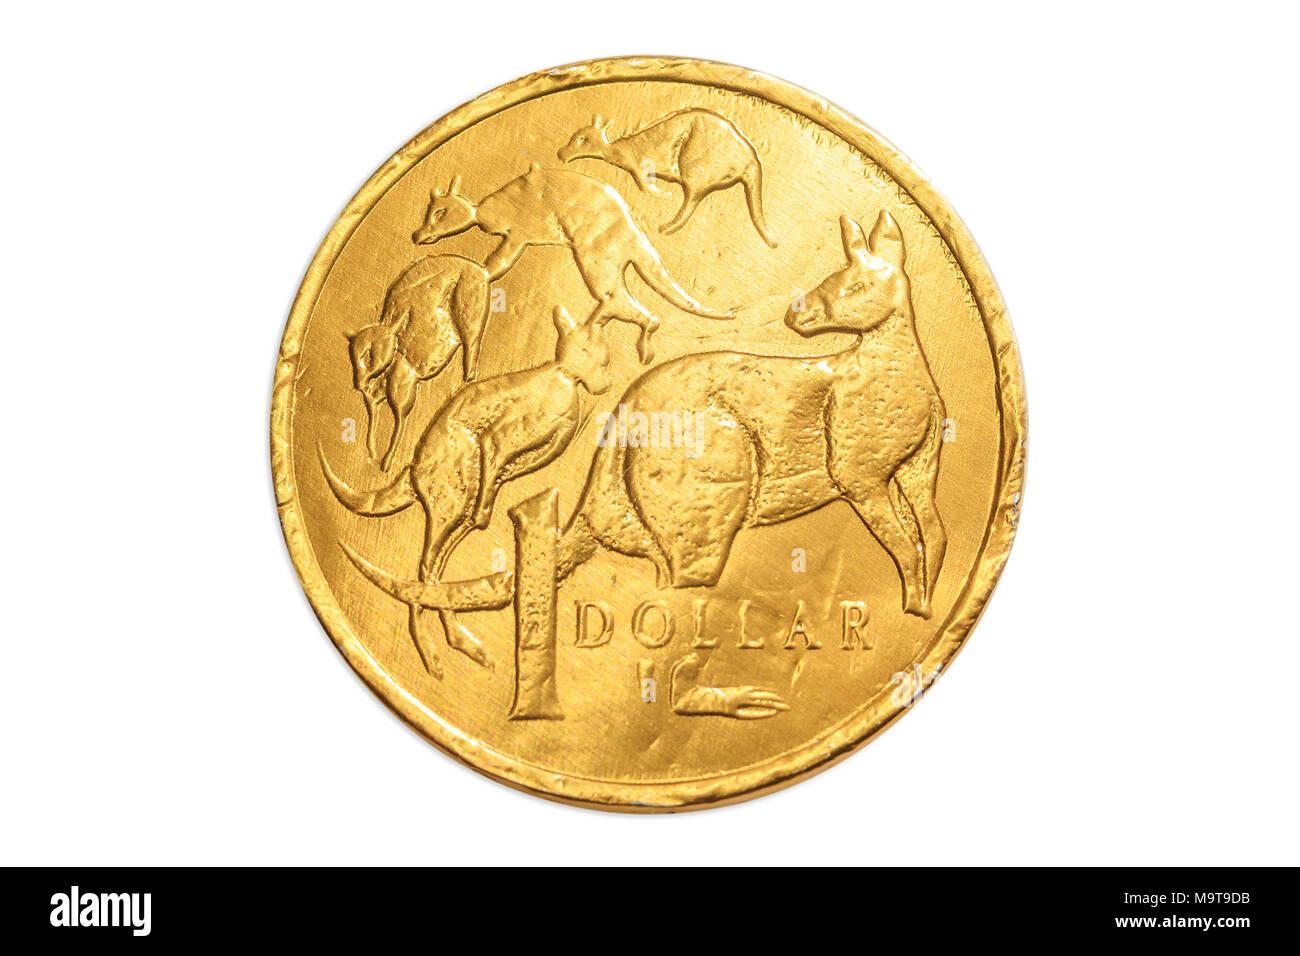 Australian Gold Schokolade Münze Von 1 Dollar Von Australien Aud